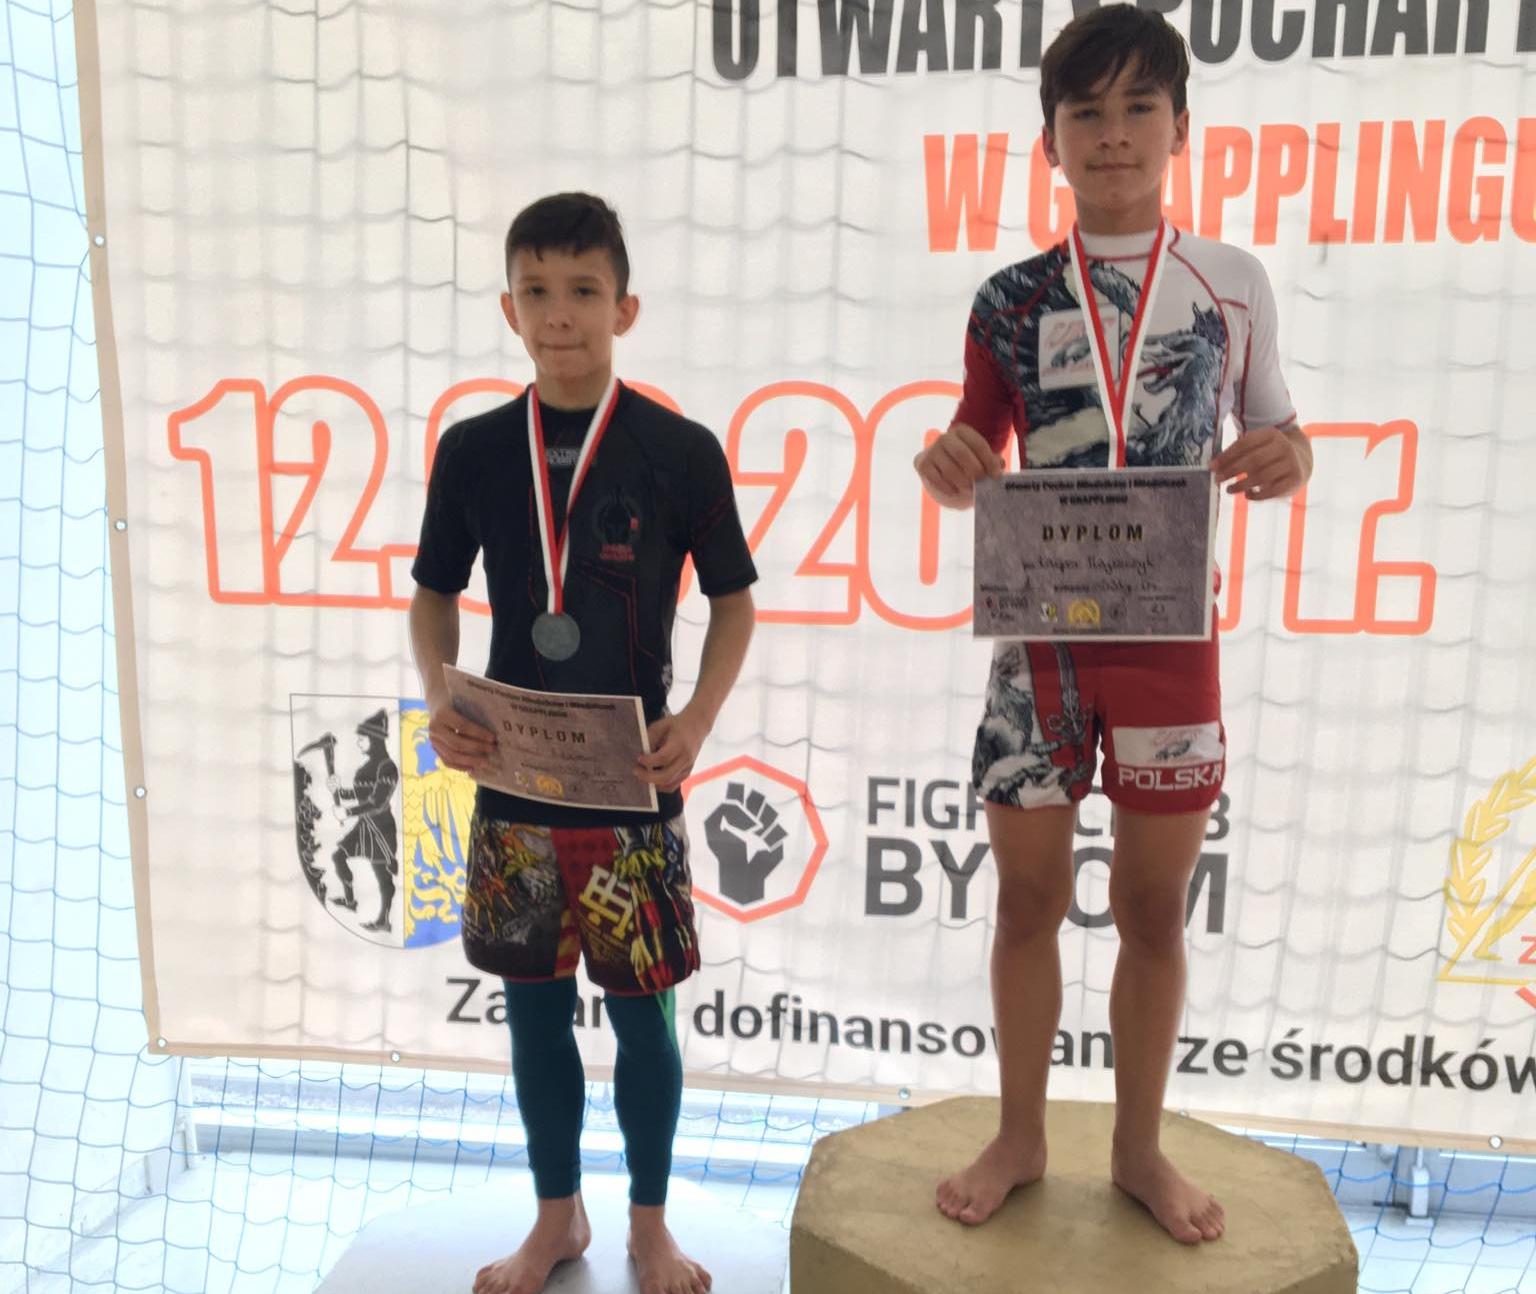 UKS Orły Zakręt na podium podczas mistrzostw w grapplingu organizowanych pod Polskim Związkiem Zapaśniczym w Bytomiu